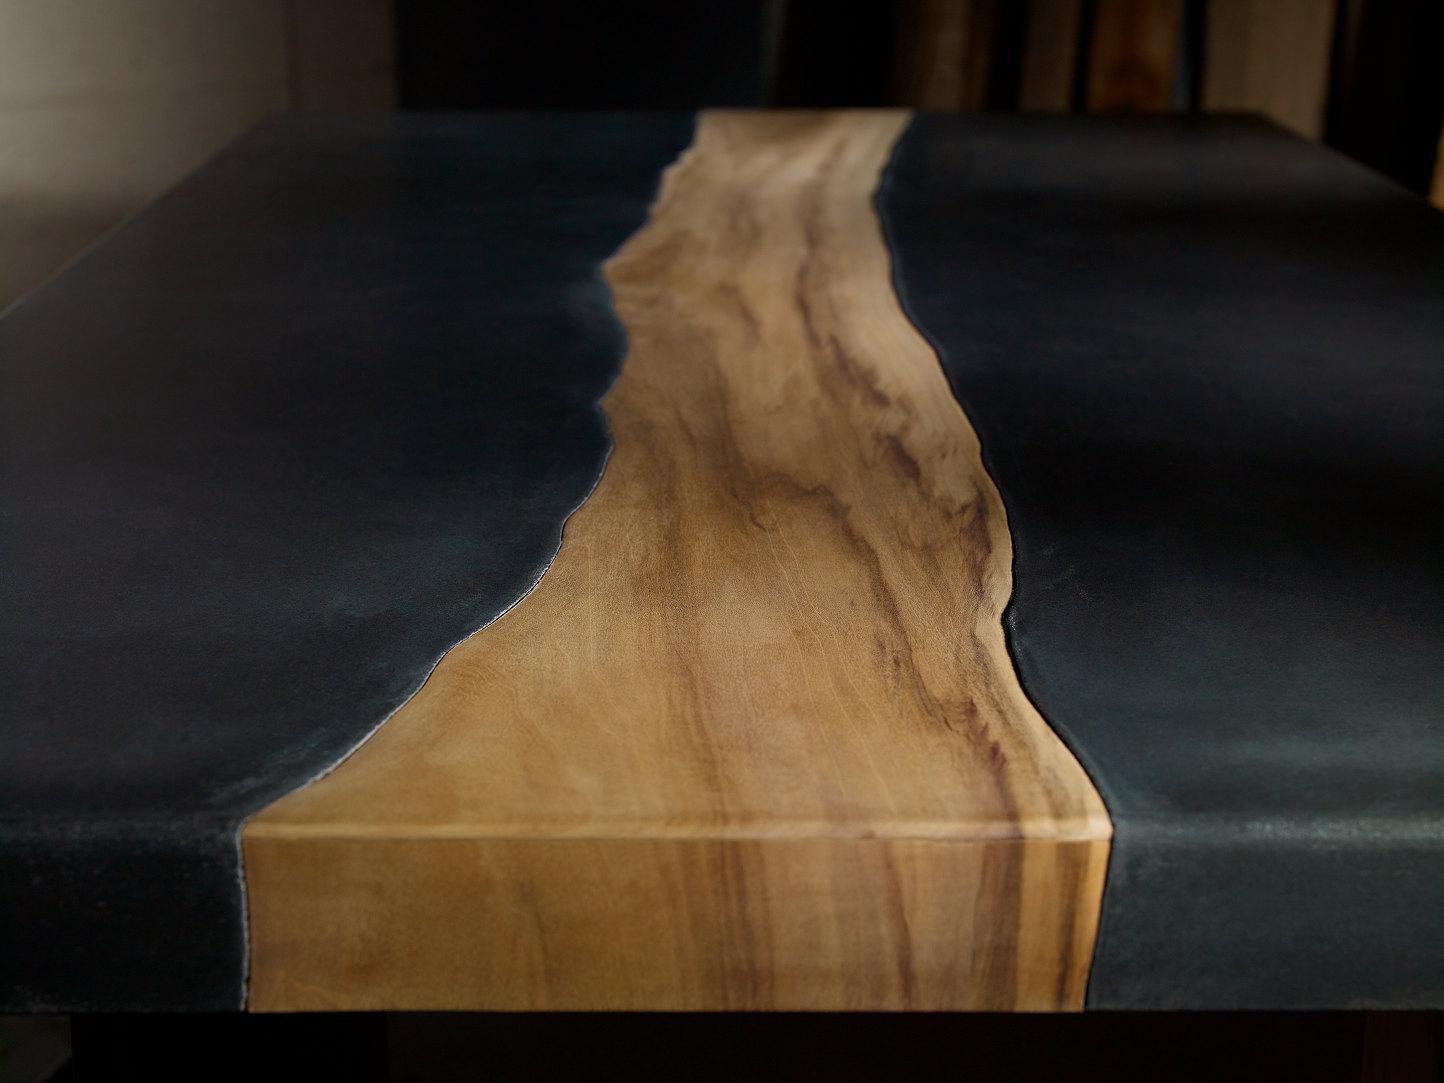 10 Unique Pairings Materials Revolving Around Wood